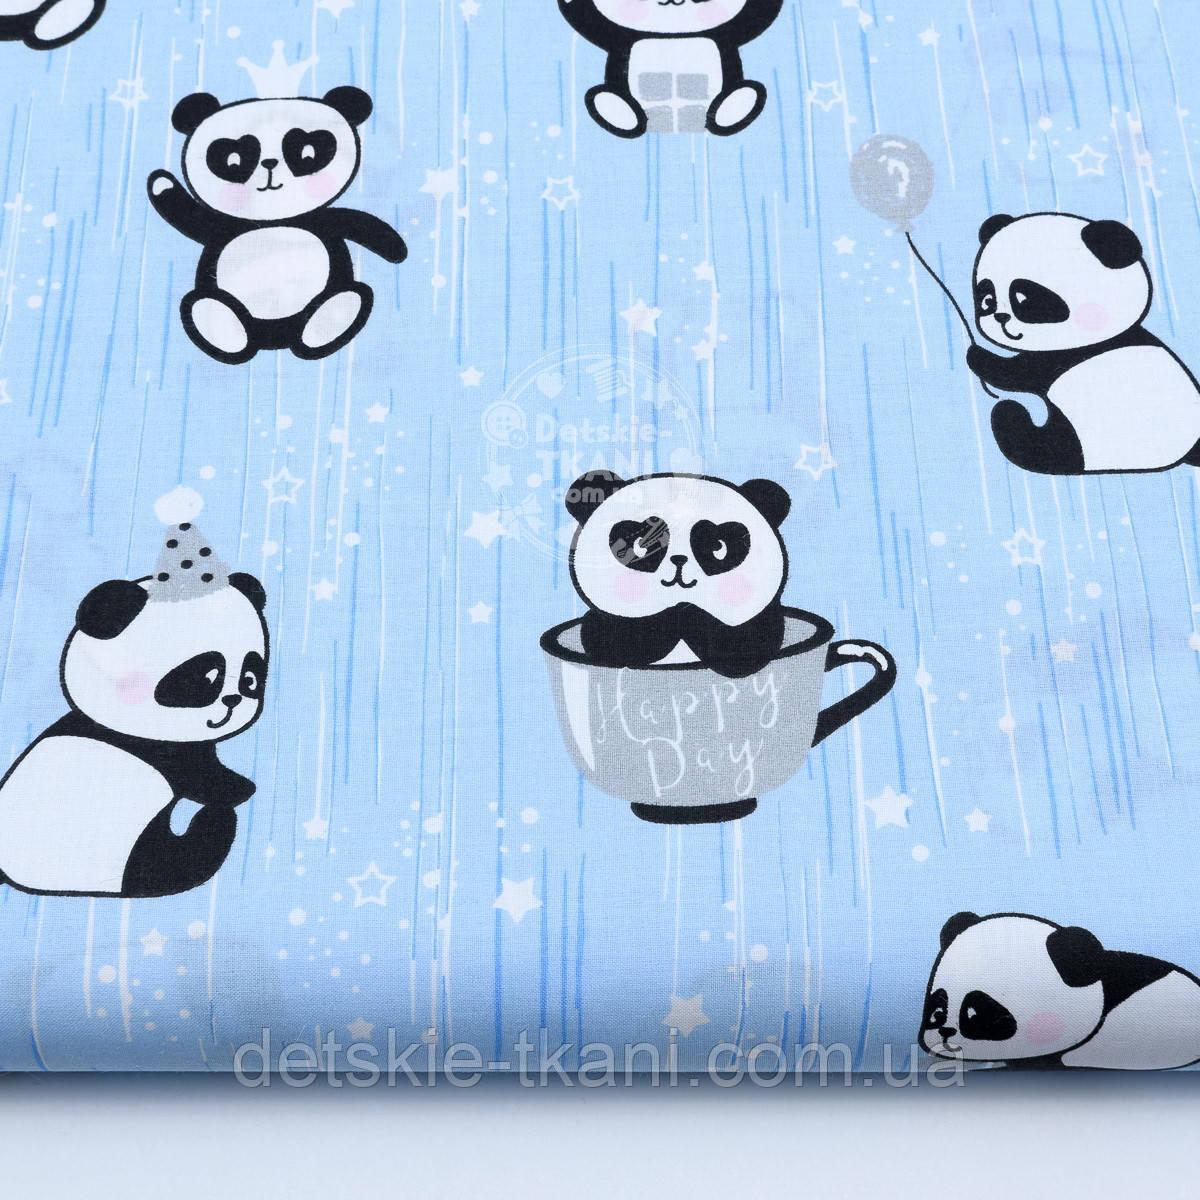 """Ткань хлопковая """"Панды в чашках и звёздочки"""" на голубом фоне, №1629а"""